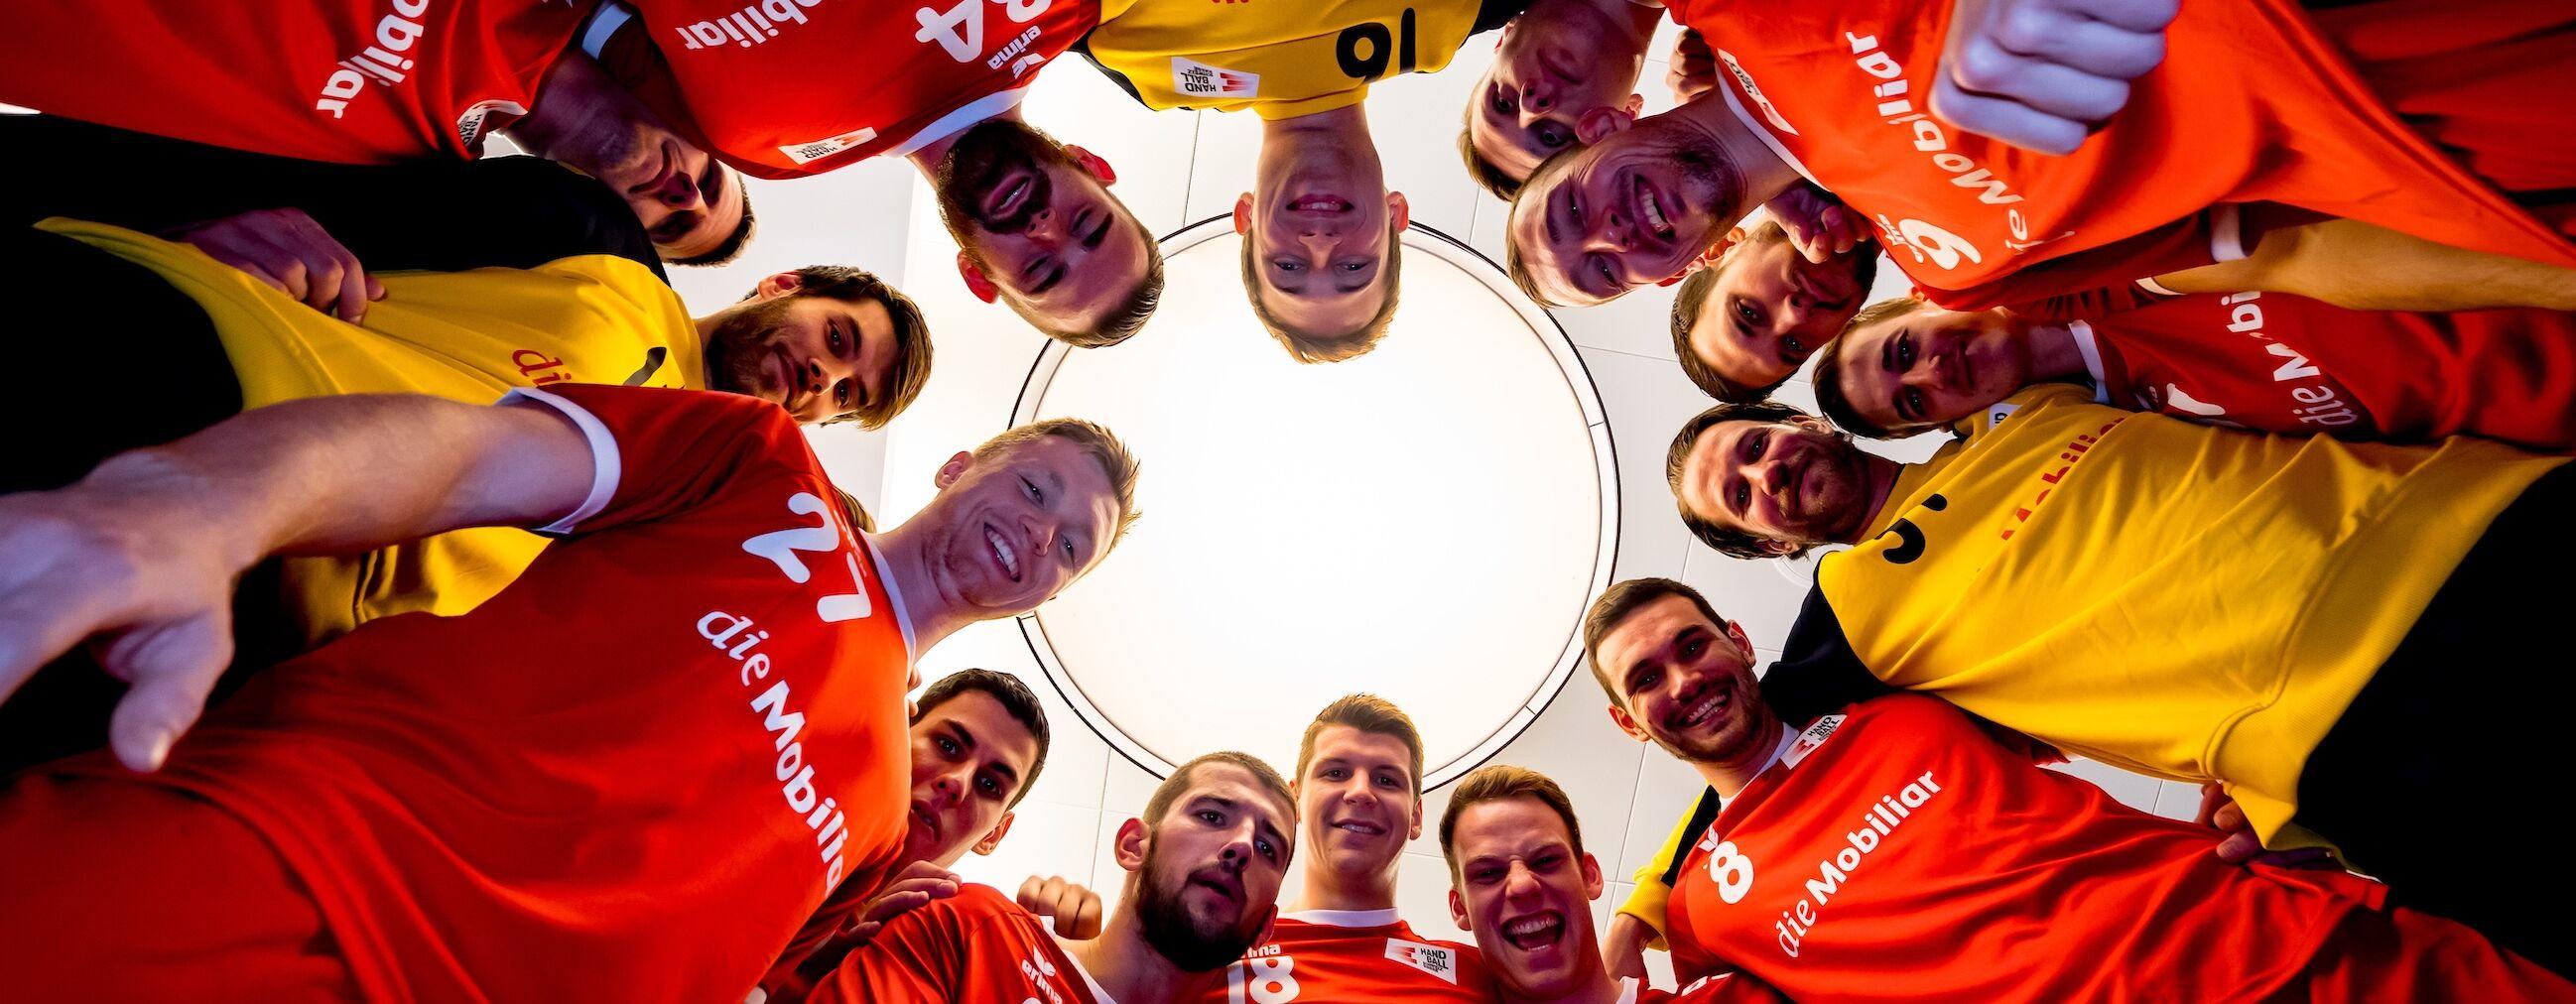 foto_handball_schweiz